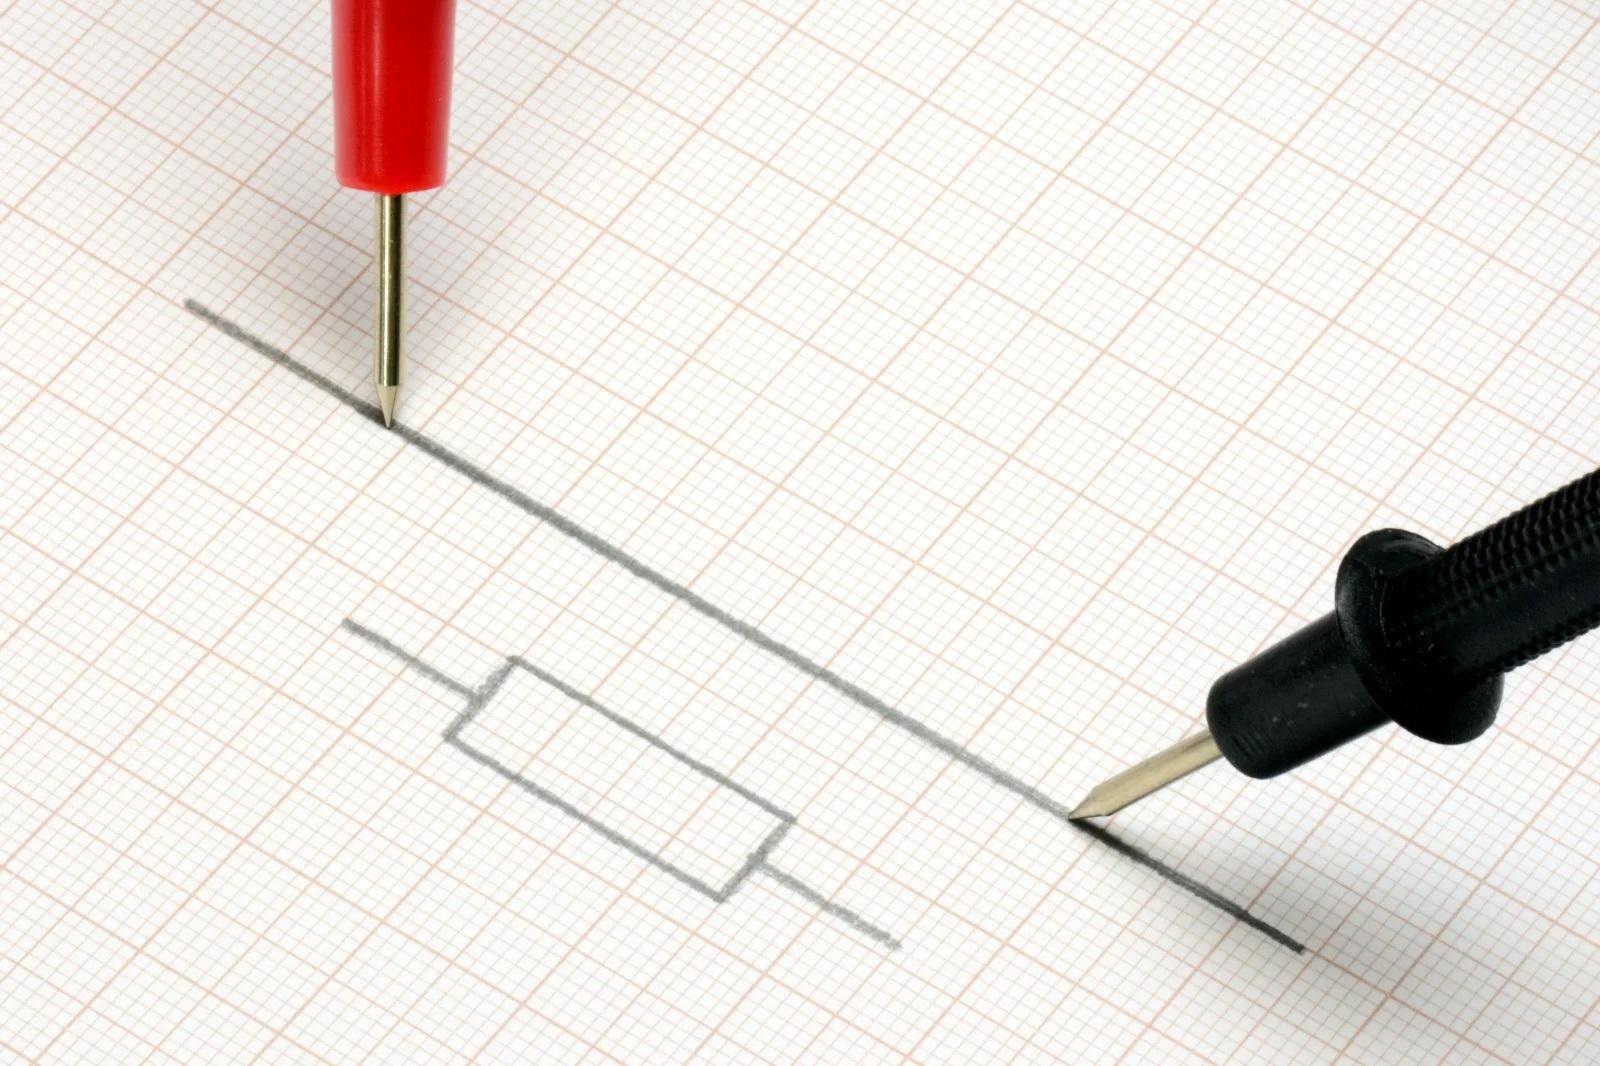 Графитово-бумажный потенциометр